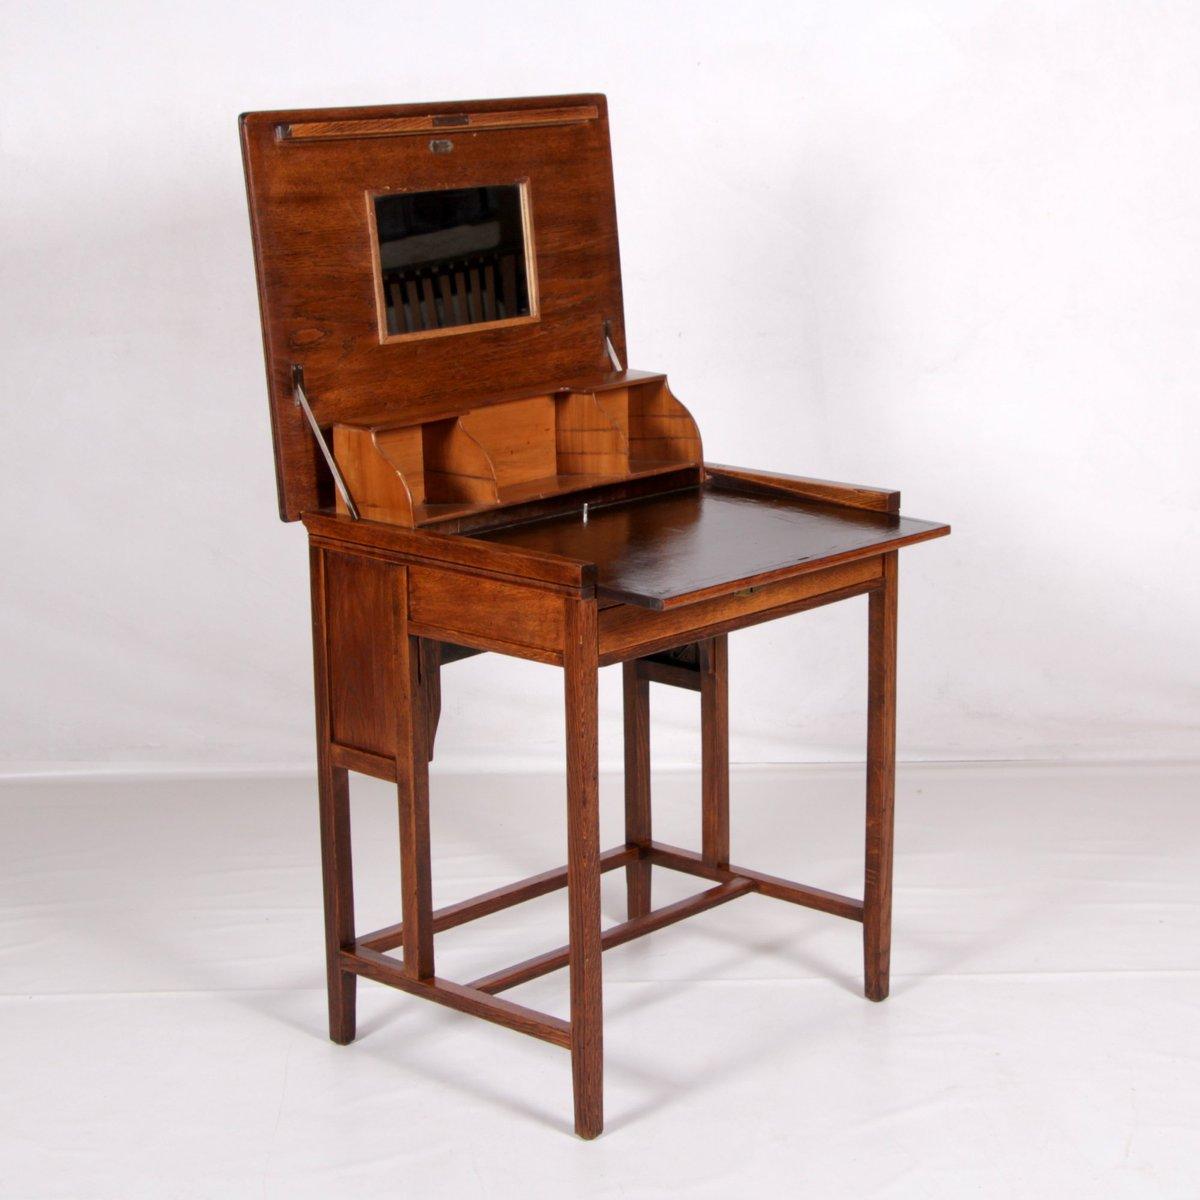 eichenholz sekret r der marke klappauf 1890er bei pamono. Black Bedroom Furniture Sets. Home Design Ideas